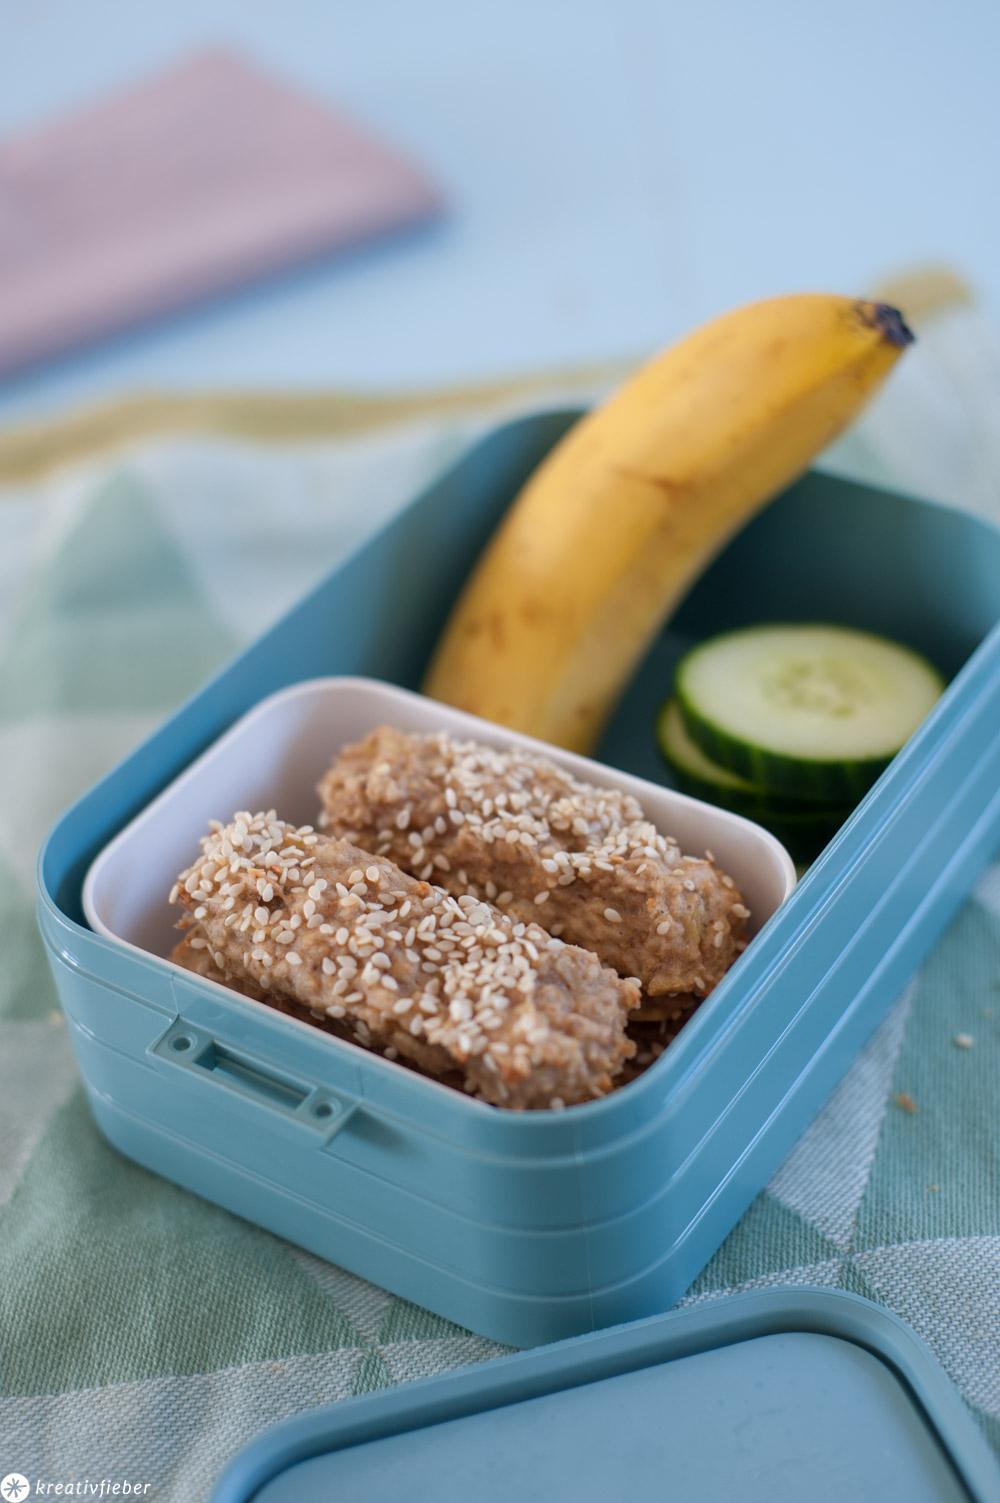 Riegel für Kleinkinder gesunder Snack mit Banane und Haferflocken